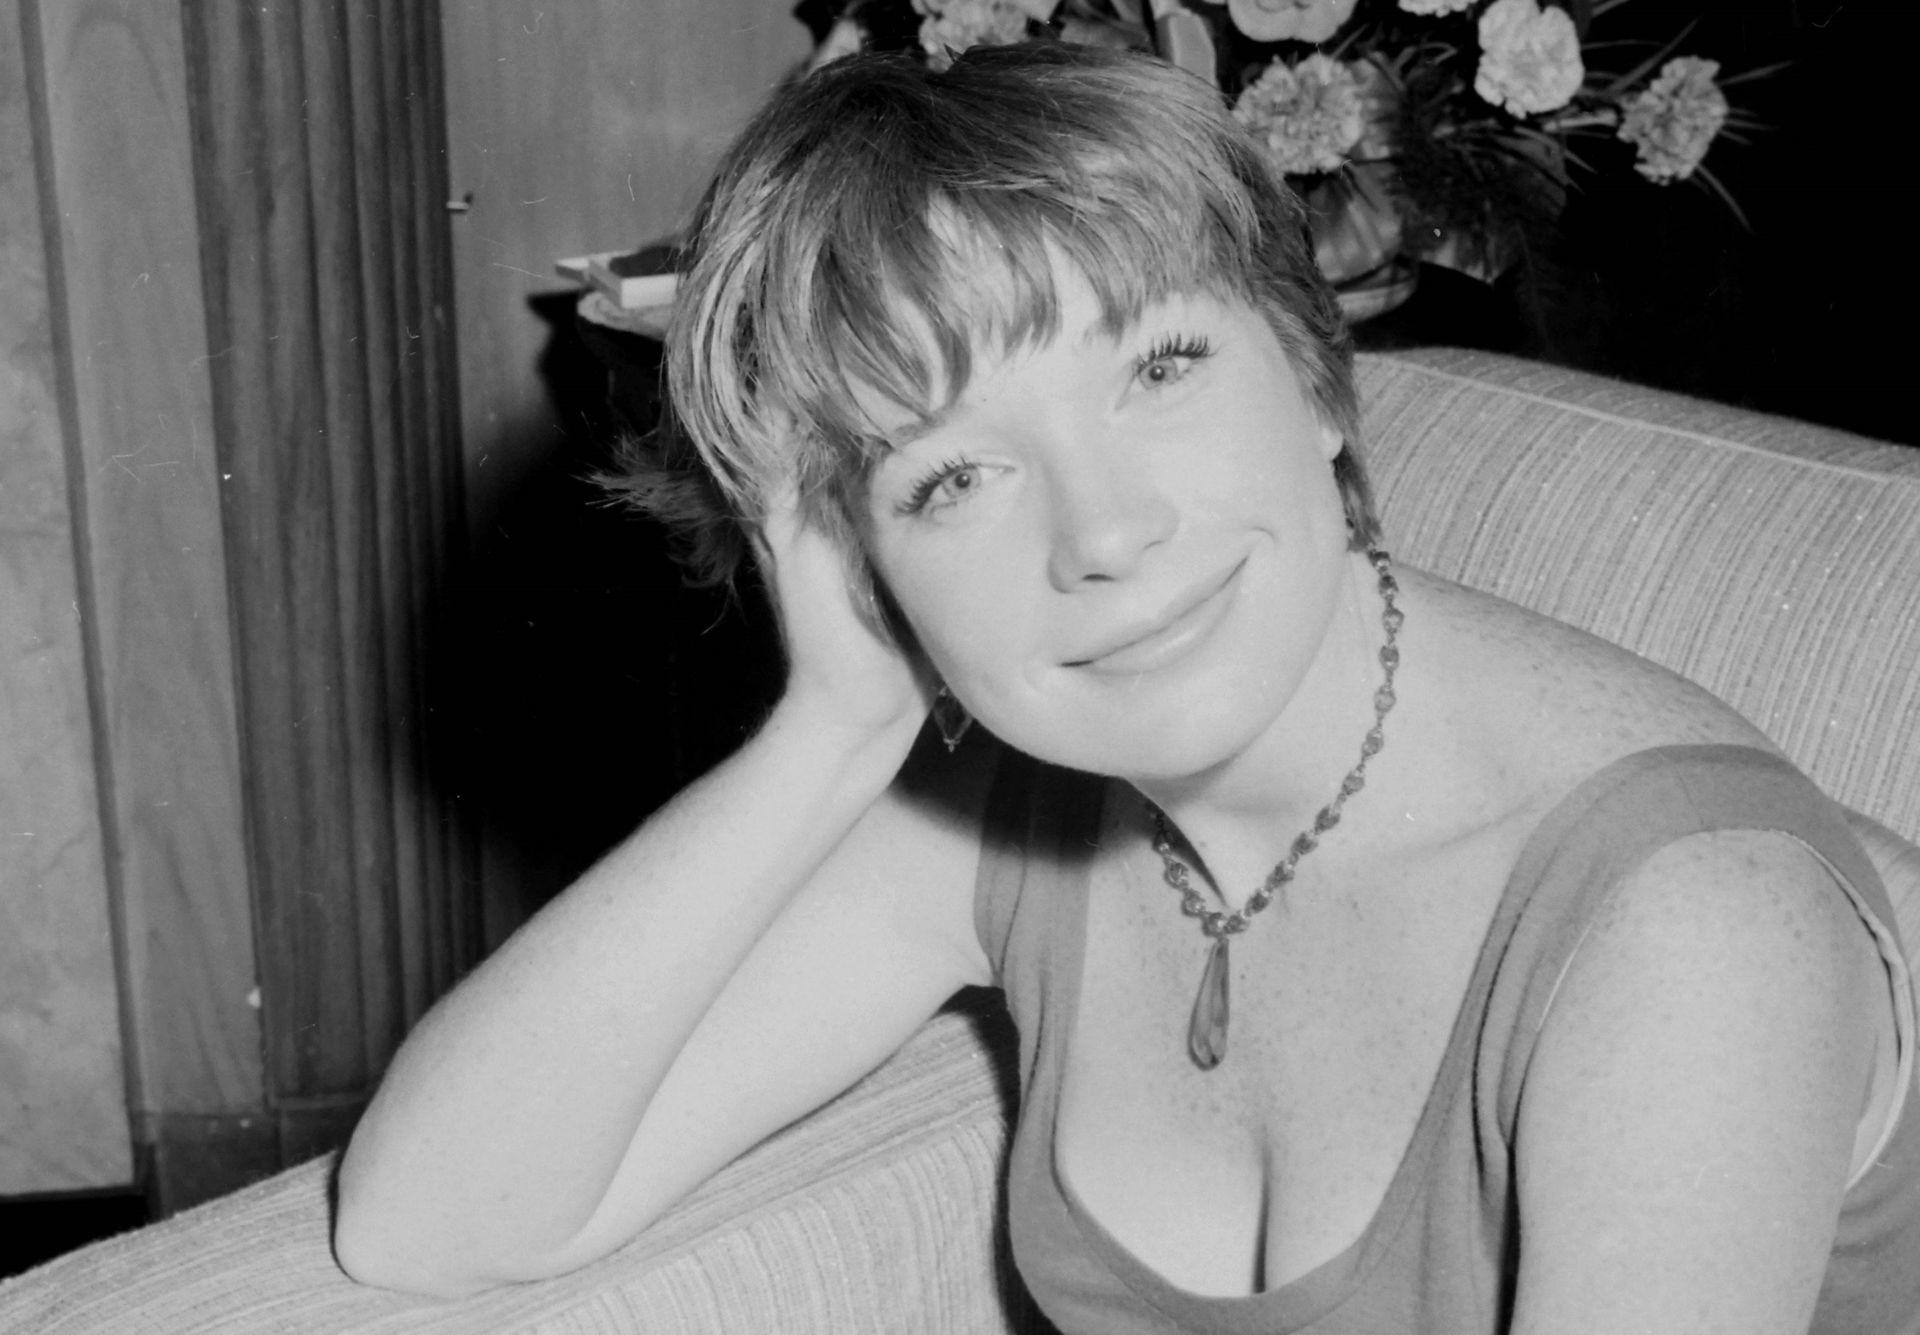 """Apartamentos Para Rodar Pelicuylas Porno shirley maclaine, a sus 85 años: """"descubrí que mi marido"""